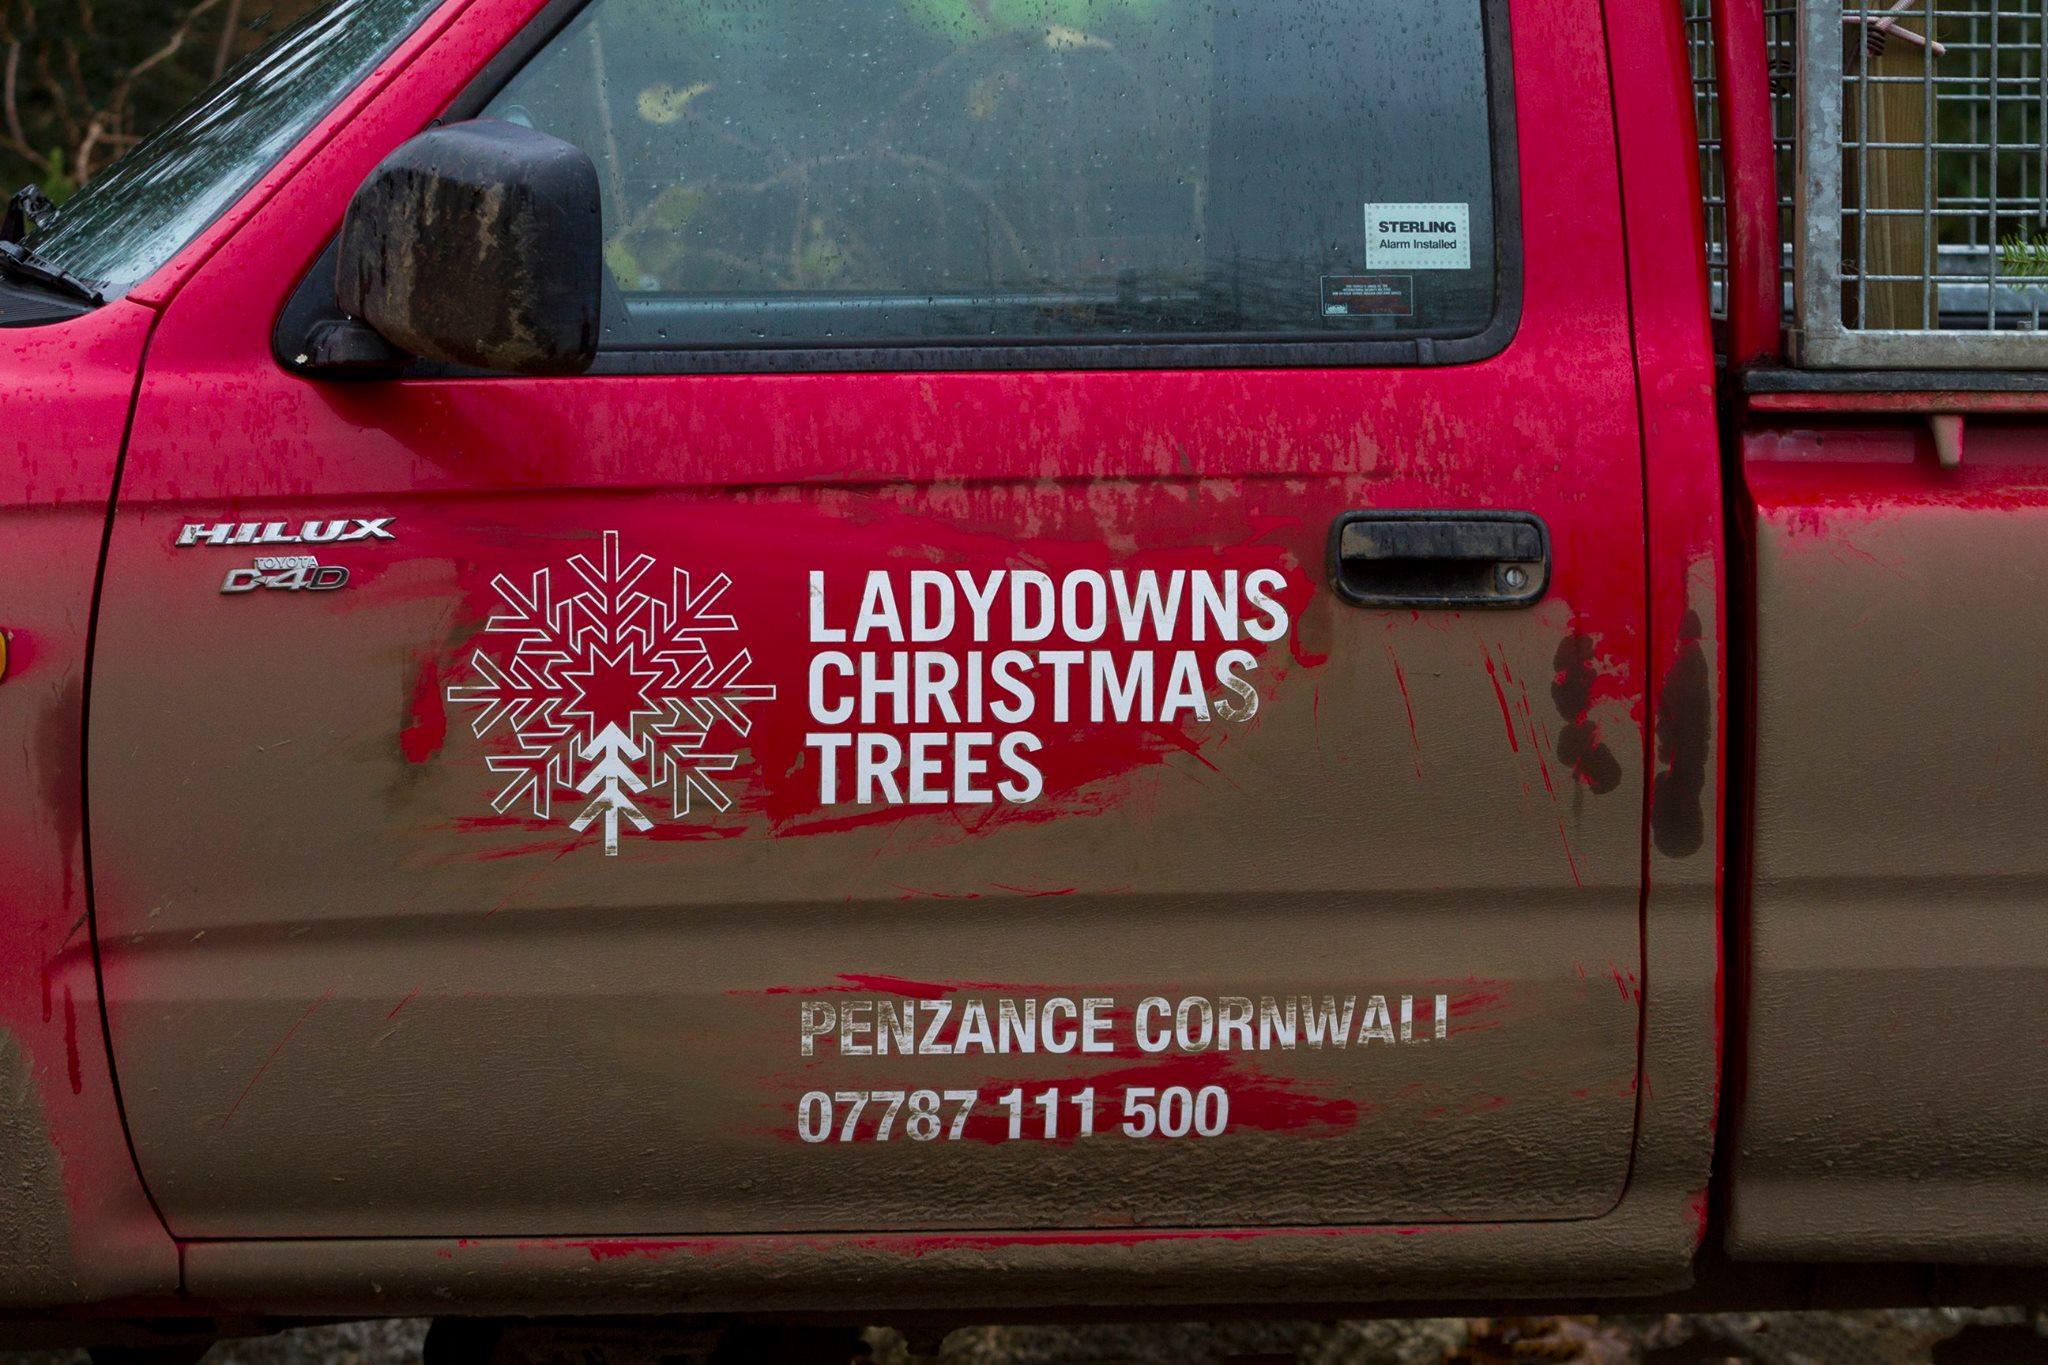 Mud on the Ladydowns van